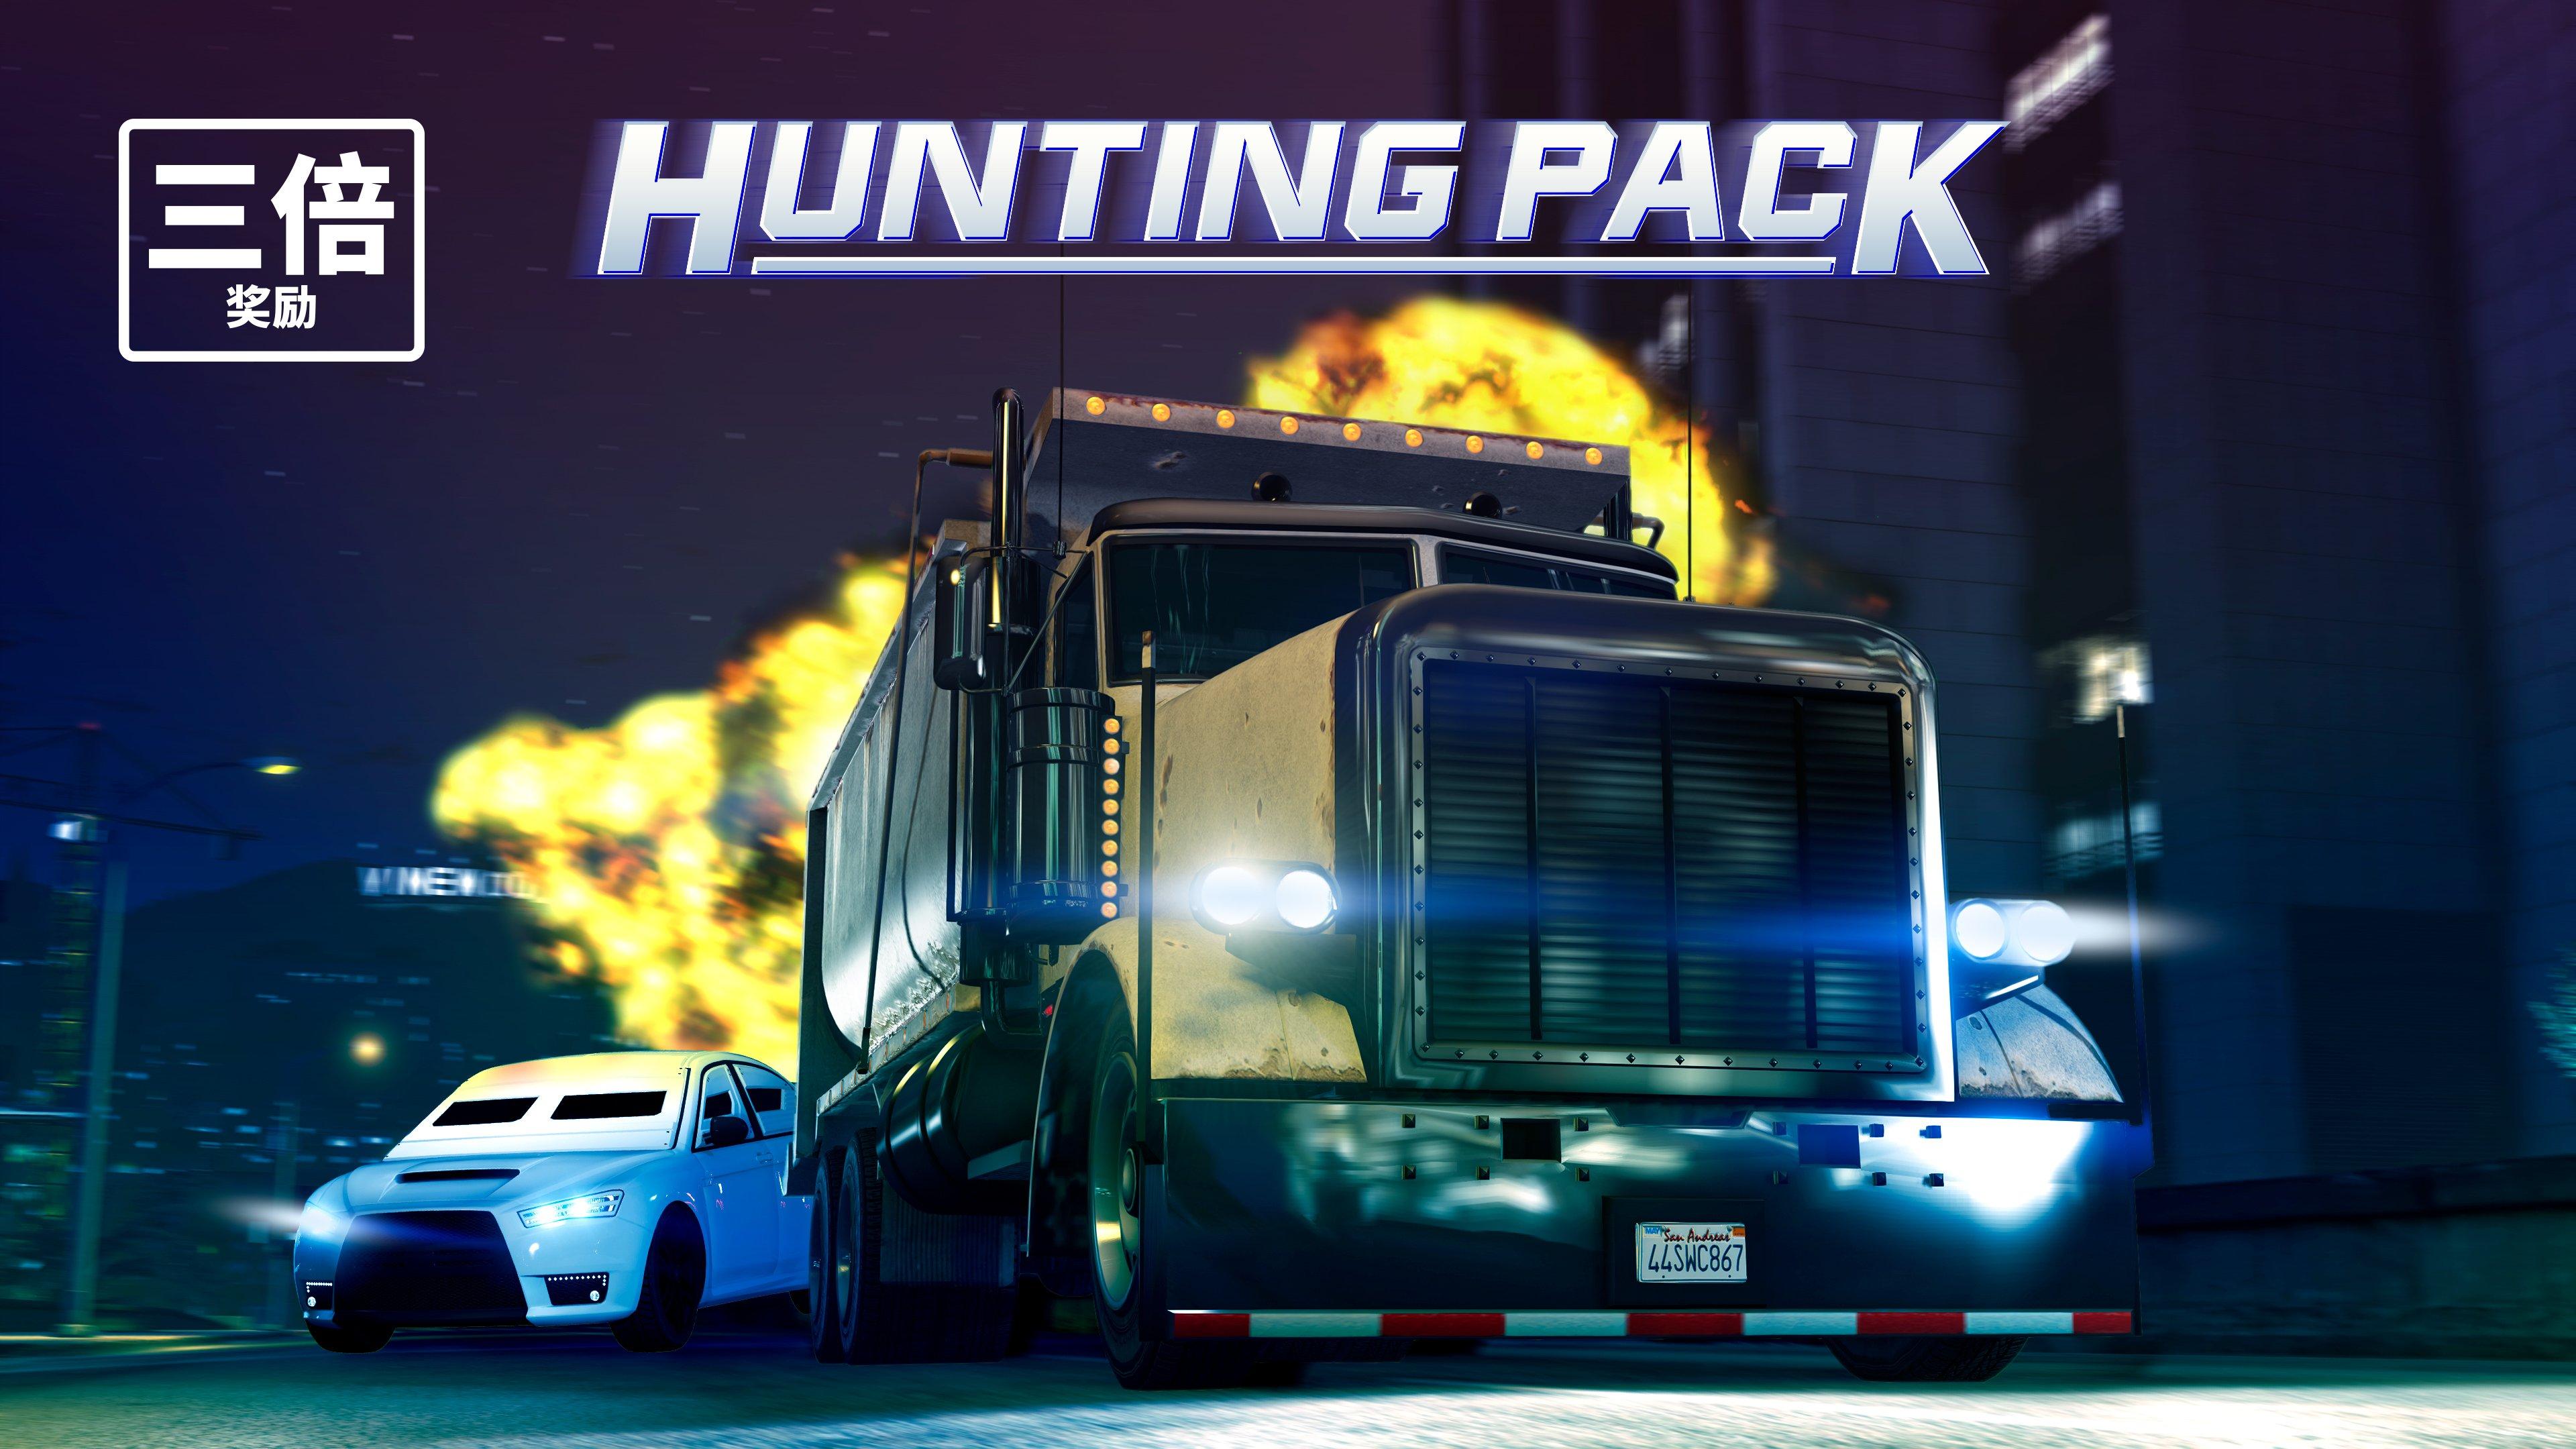 《GTAOL》开启狩猎追逐三倍奖励 完成每日任务可获百万GTA游戏币